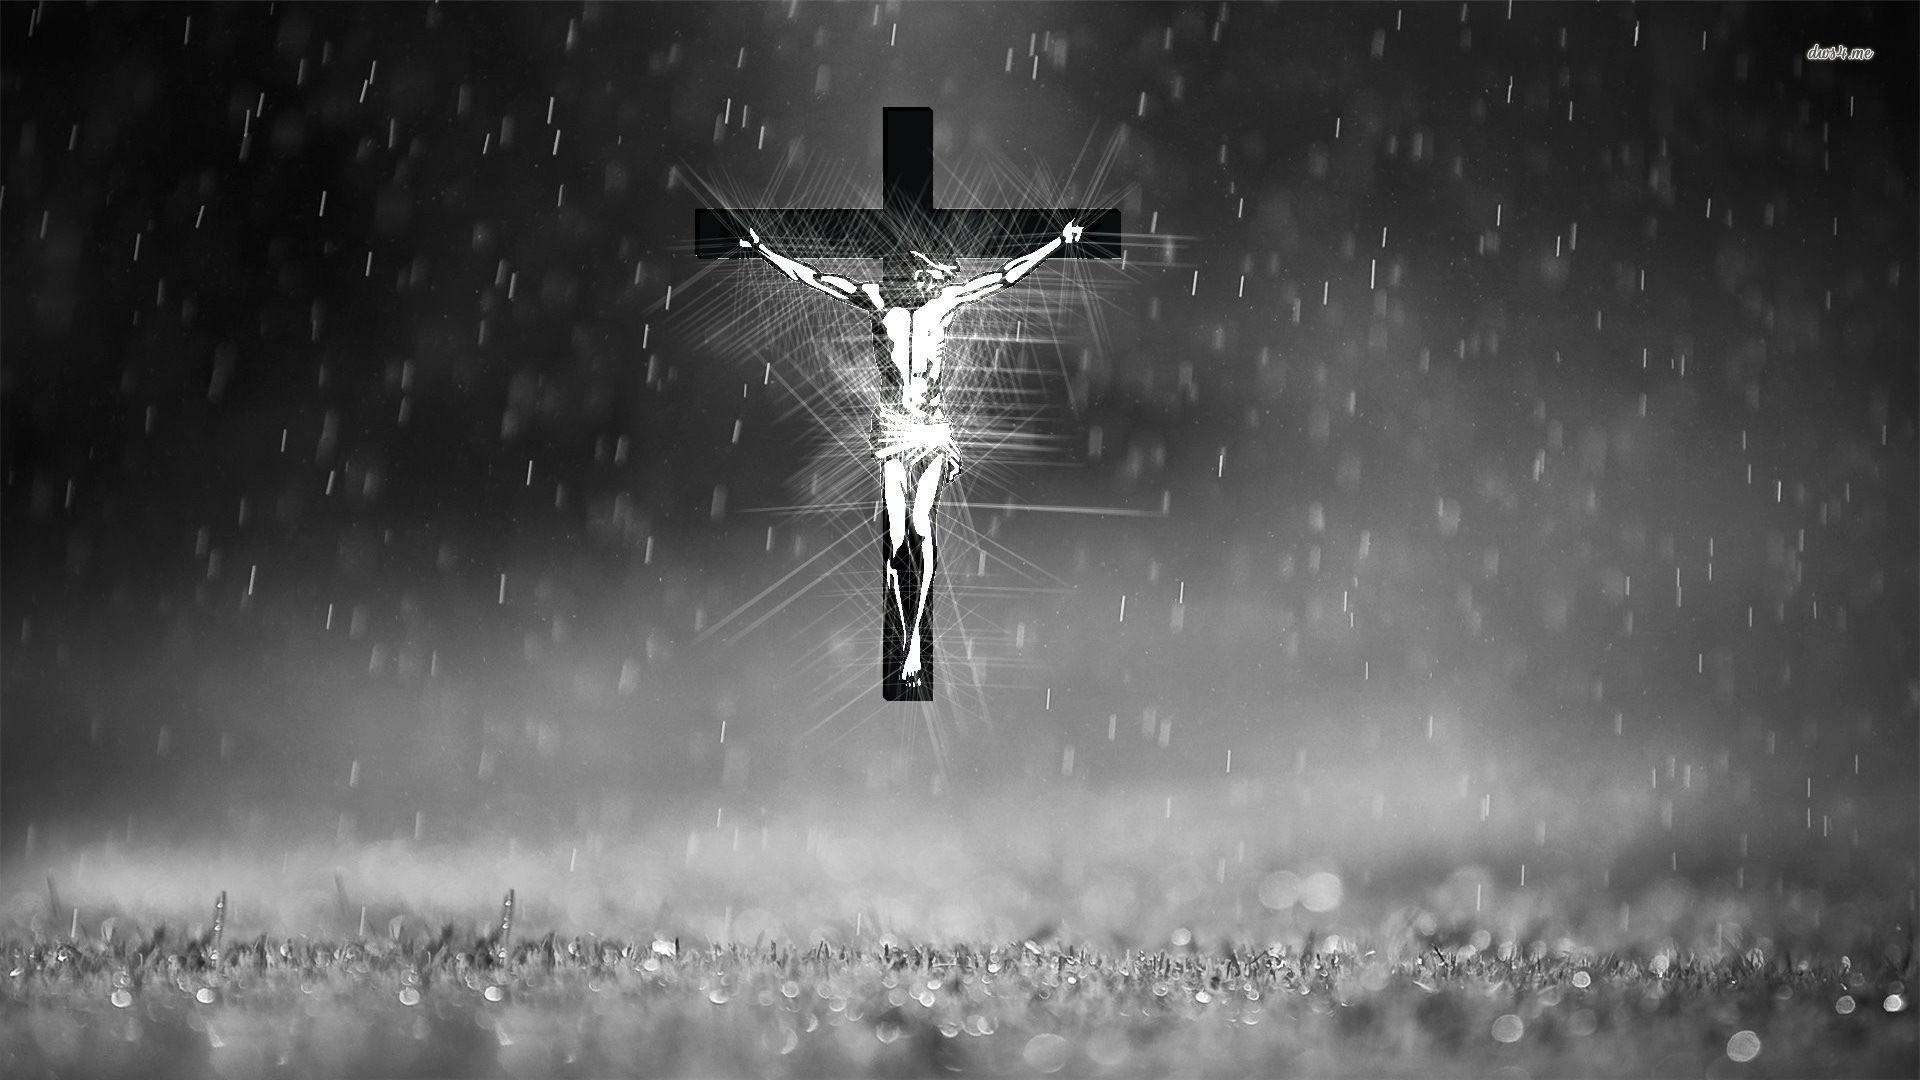 Jesus on the cross Digital Art HD desktop wallpaper, Cross wallpaper,  Religion wallpaper, Jesus wallpaper, Christianity wallpaper – Digital Art  no.